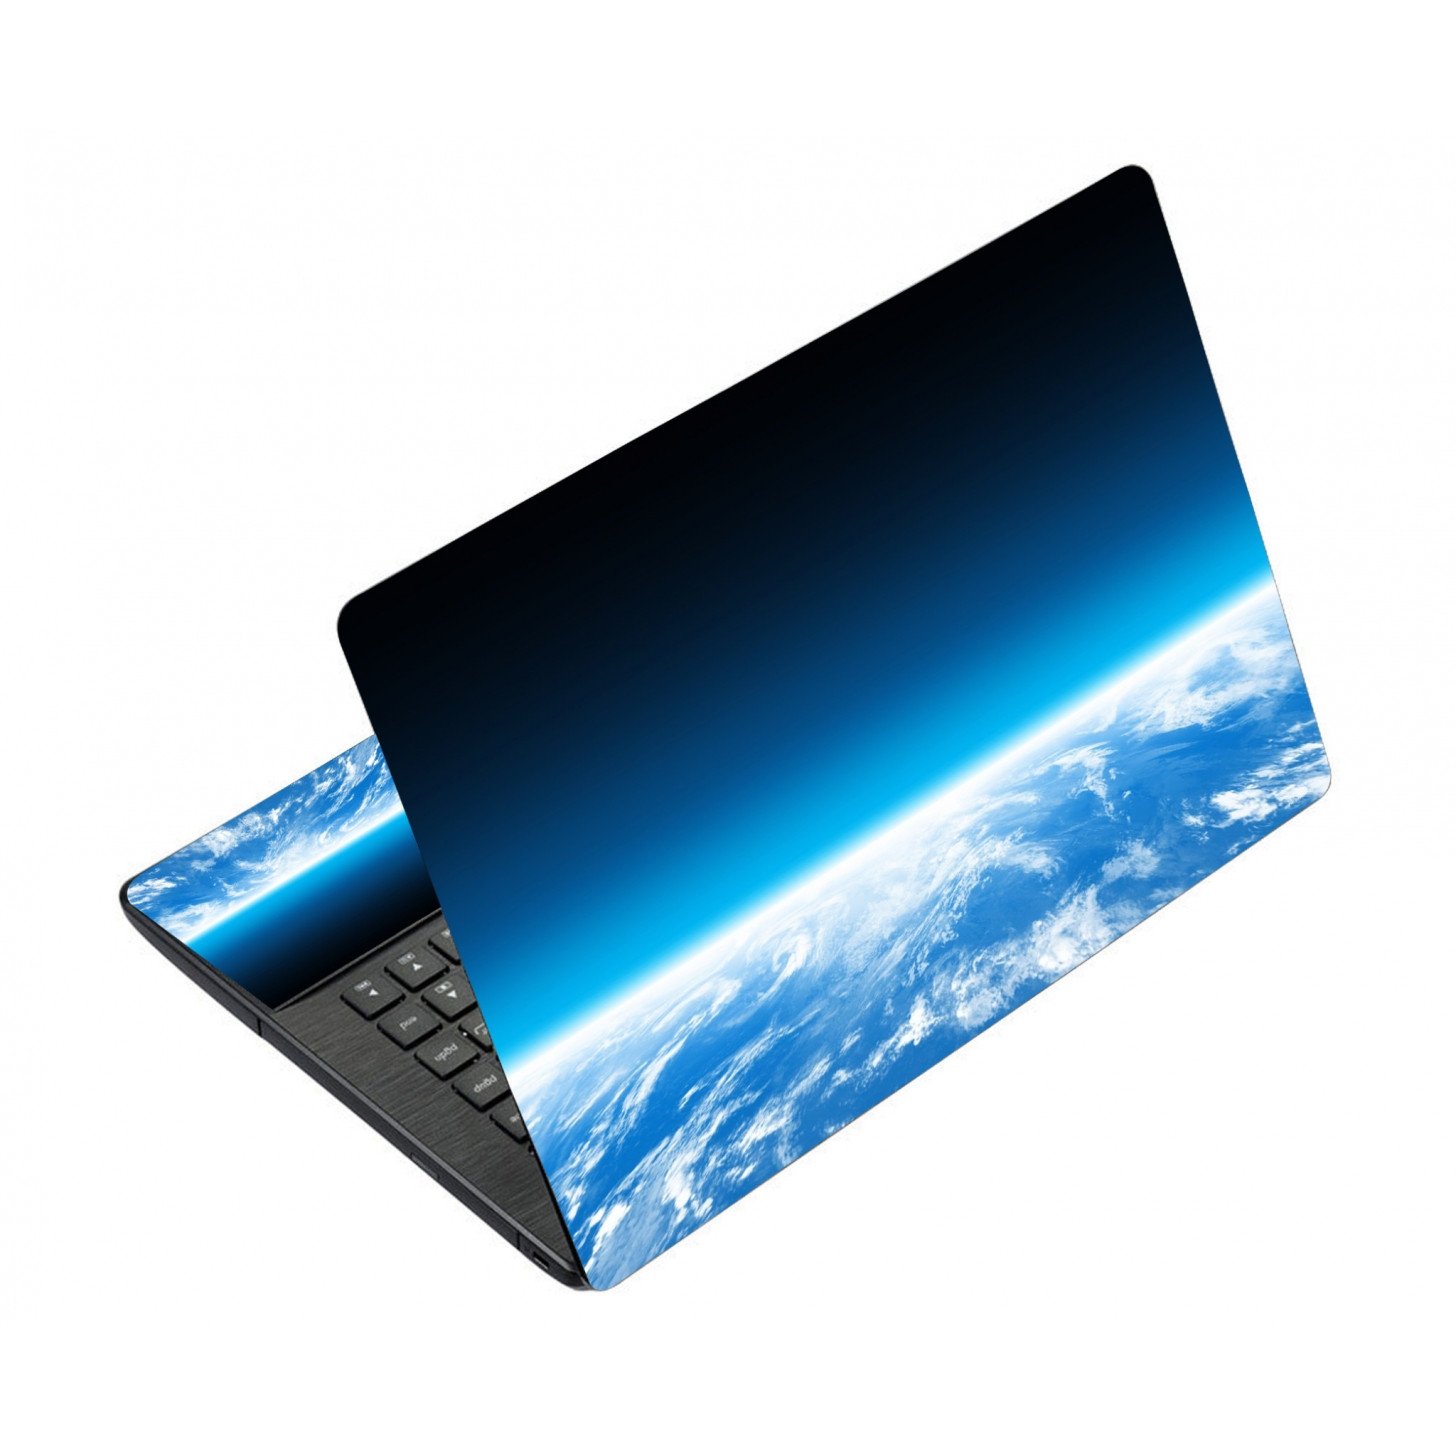 Miếng Dán Decal Dành Cho Laptop - Thiên Nhiên LTTN-42 cỡ 13 inch